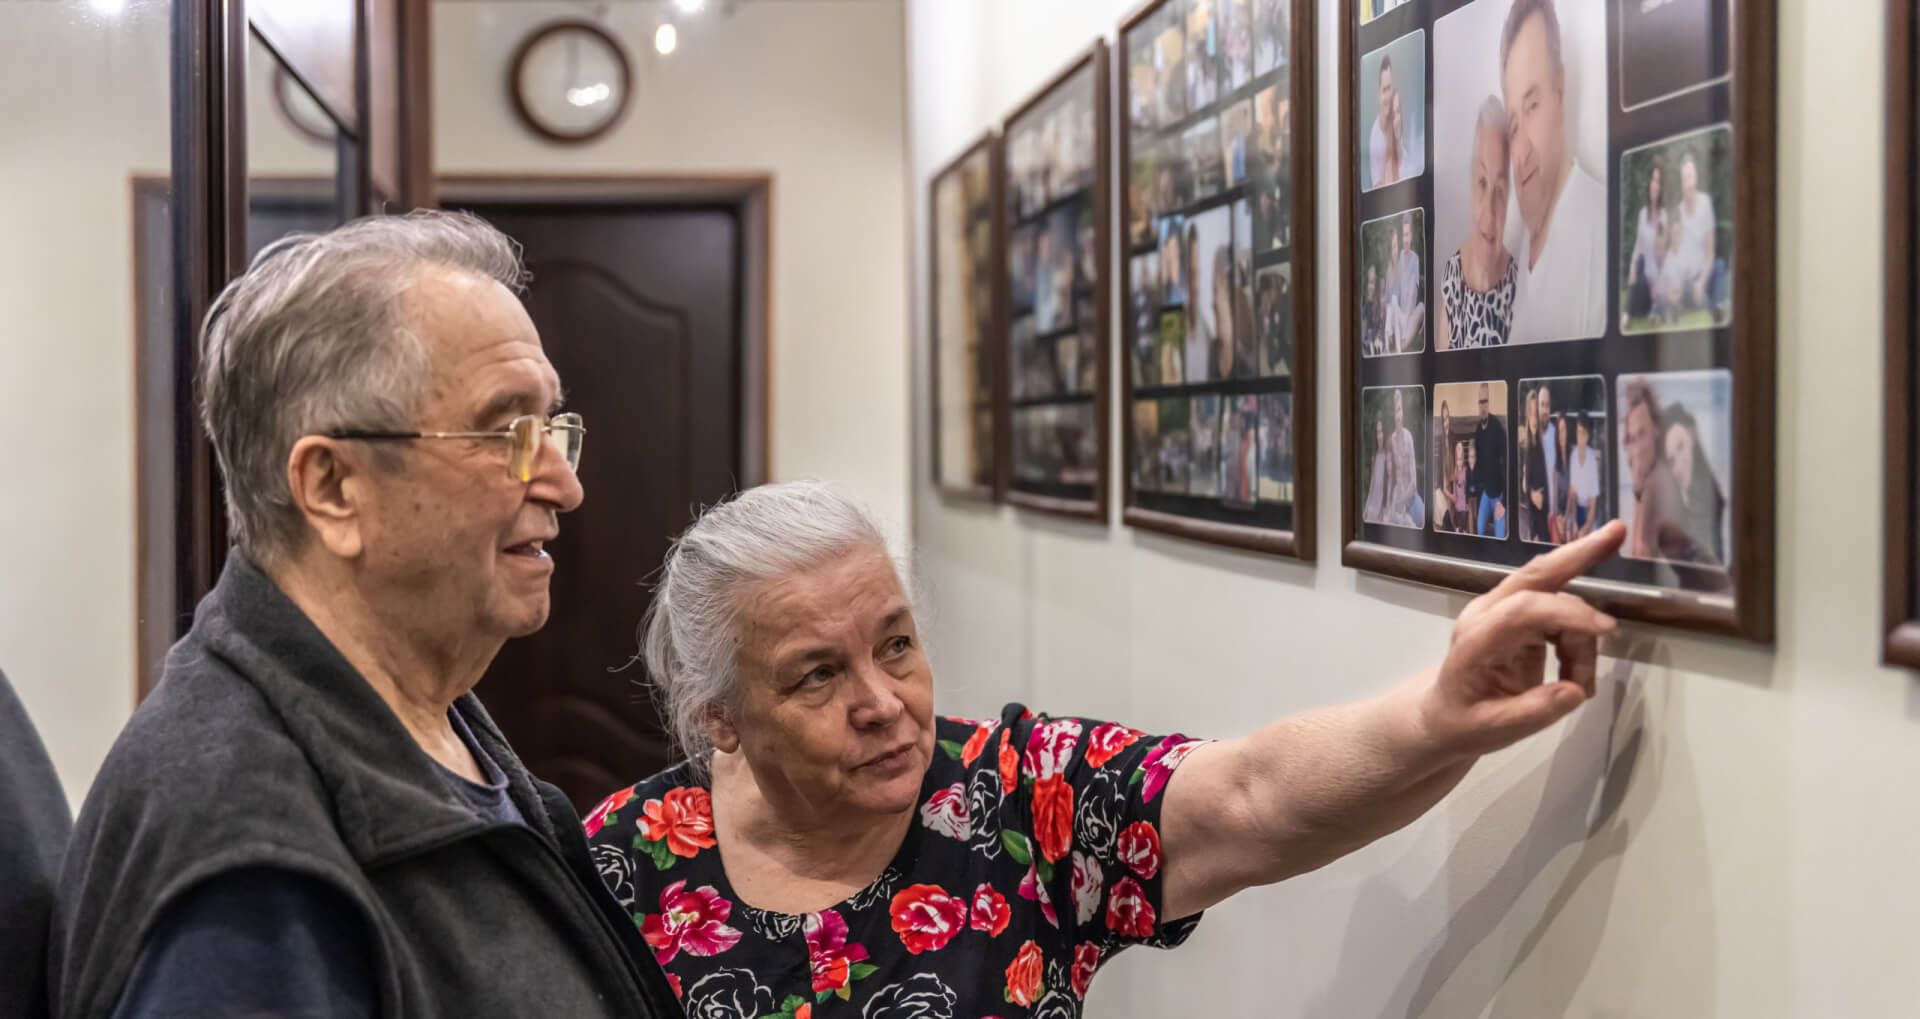 Anciano enseña a su marido fotografías de su juventud